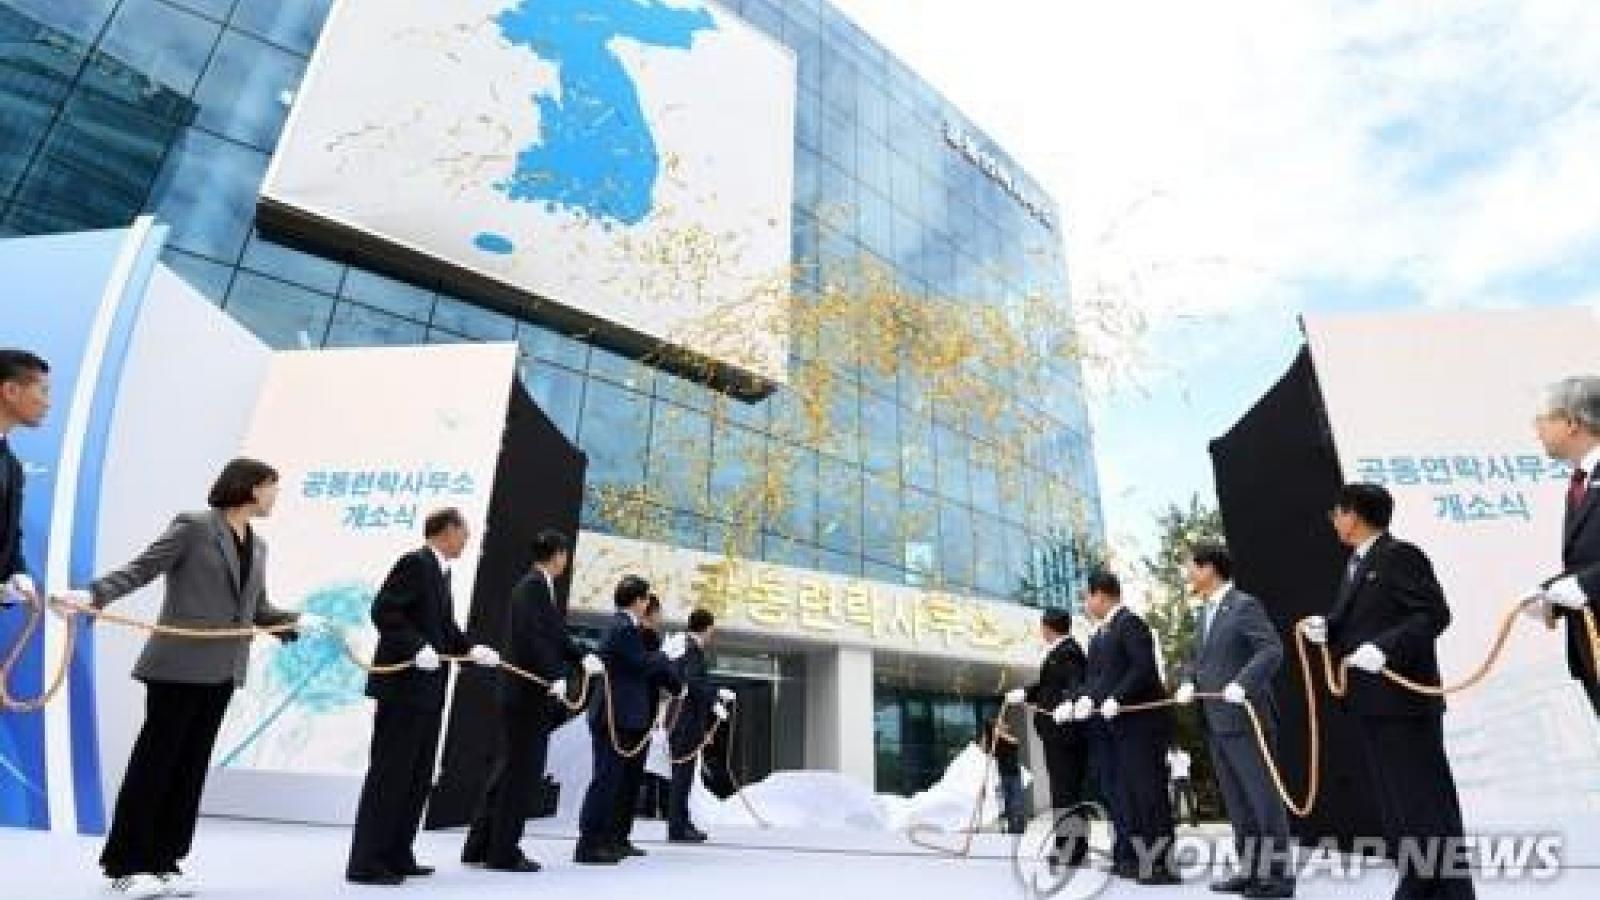 Hàn Quốc và Triều Tiên dự kiến tái mở văn phòng liên lạc giữa hai nước